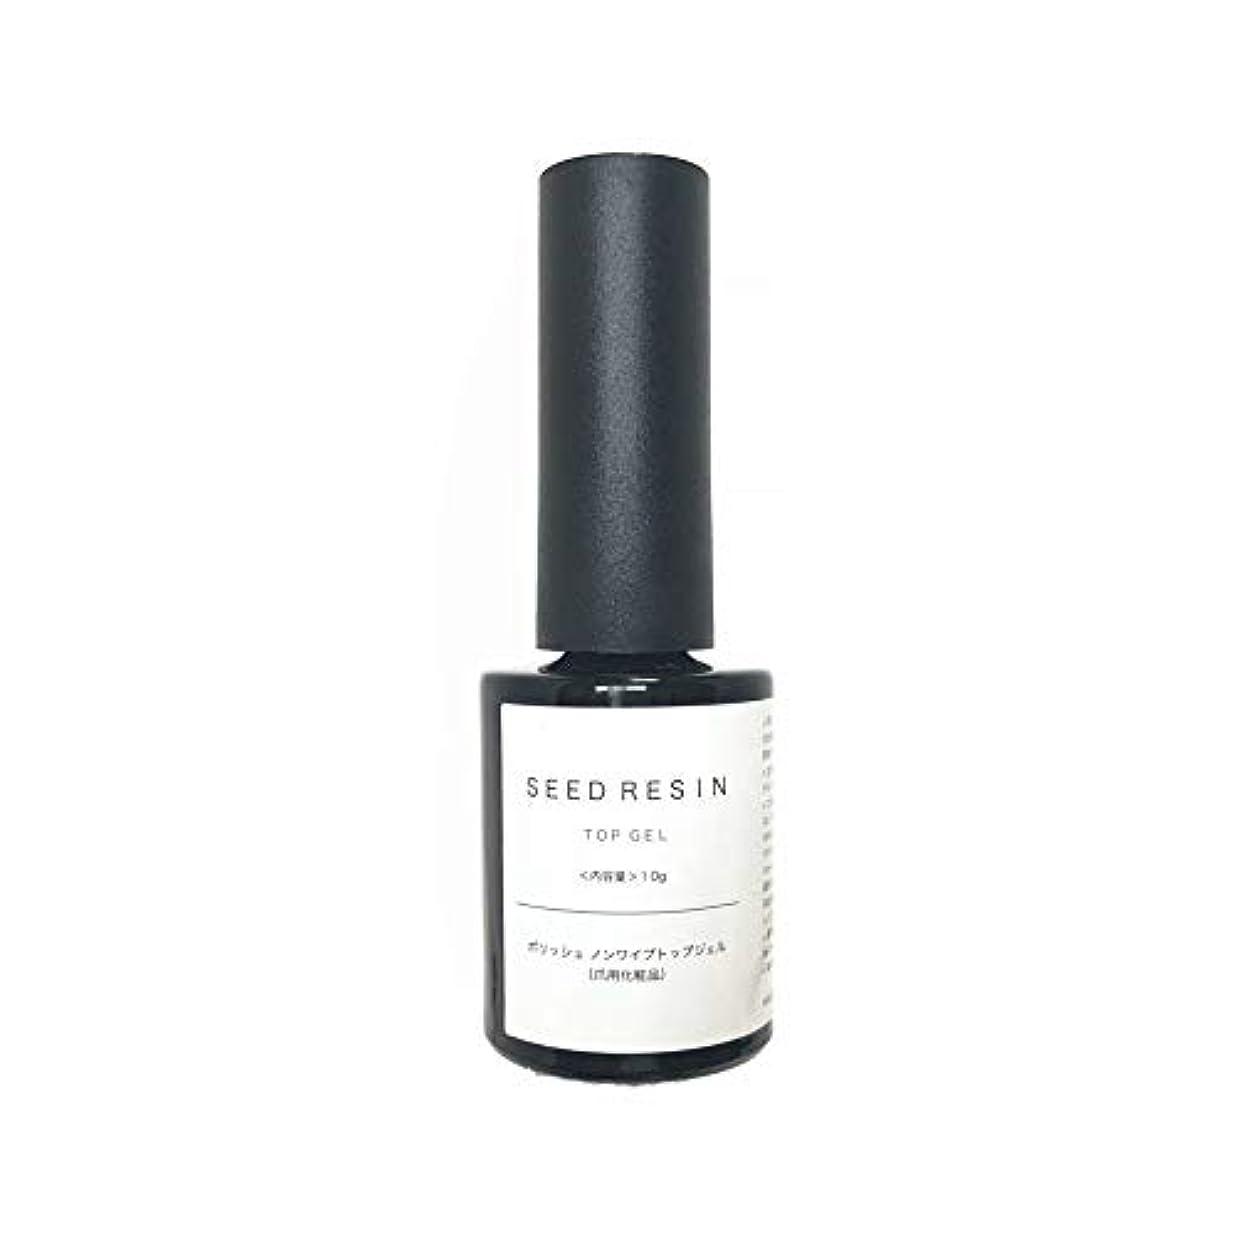 プレビュー左凍結SEED RESIN(シードレジン) ジェルネイル ポリッシュ ノンワイプ トップジェル 10g 爪用化粧品 日本製